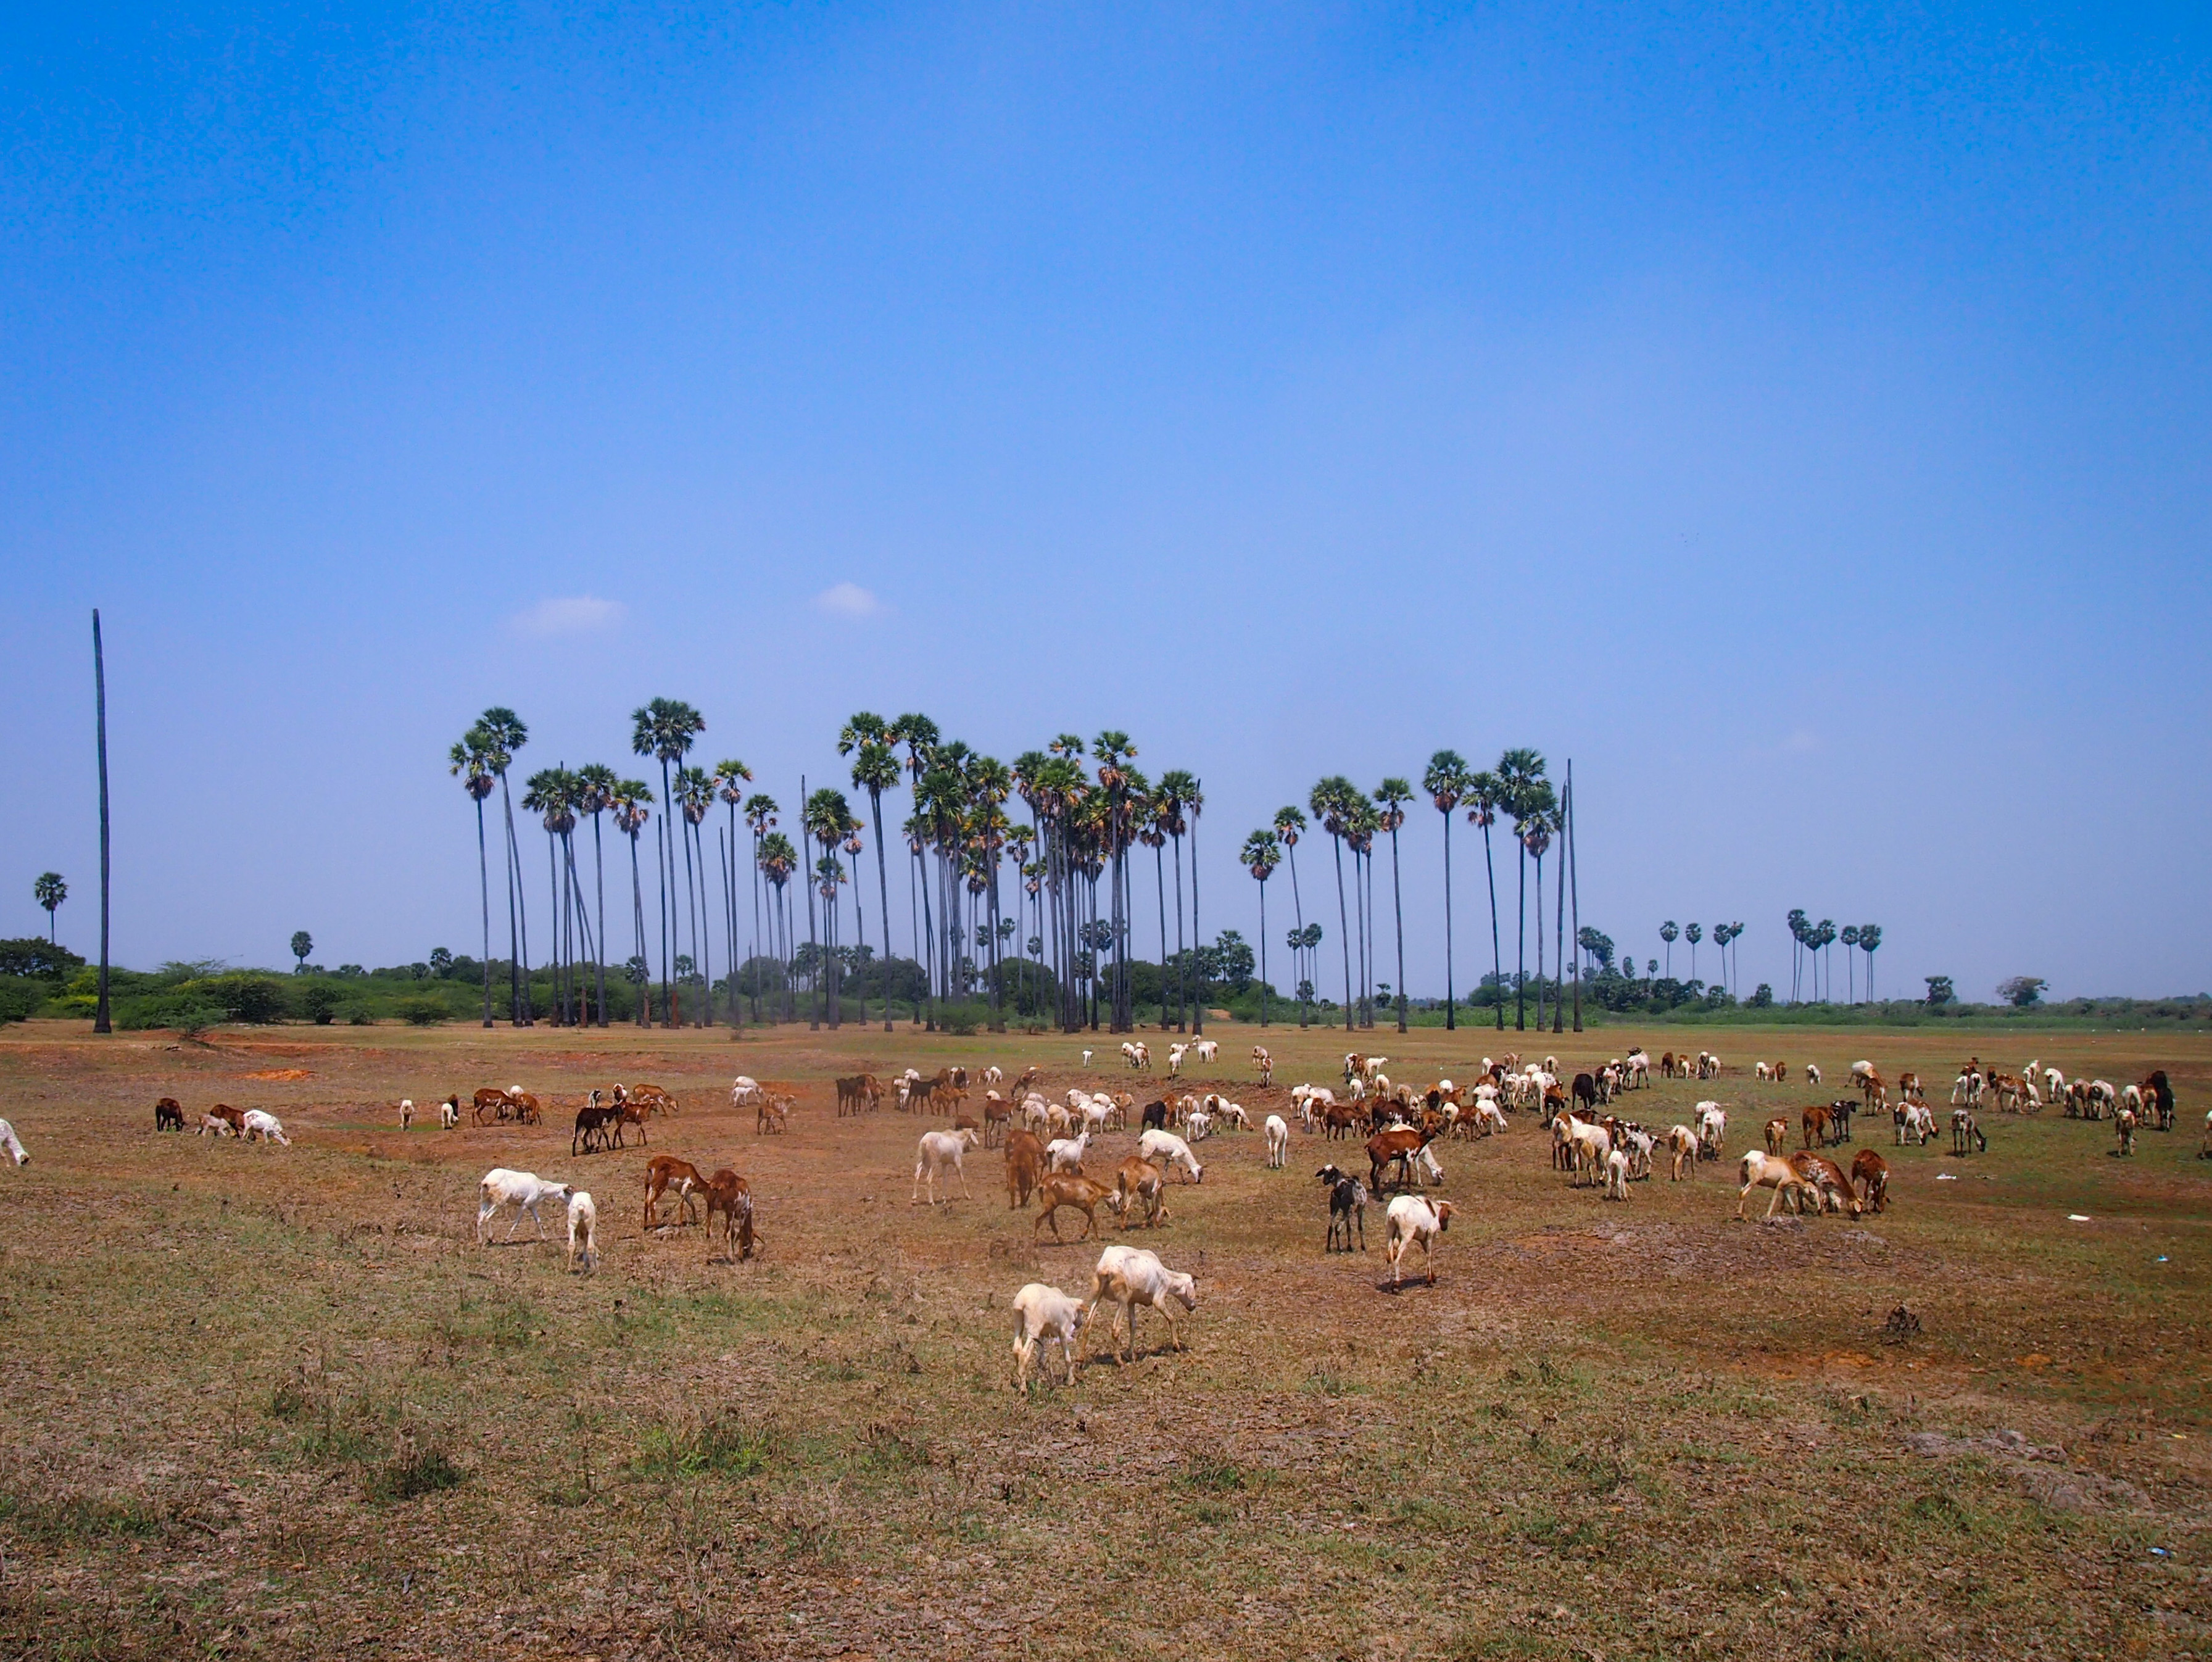 Stora öppna gräsmarker som dessa blir allt mer ovanliga i södra Tamil Nadu.